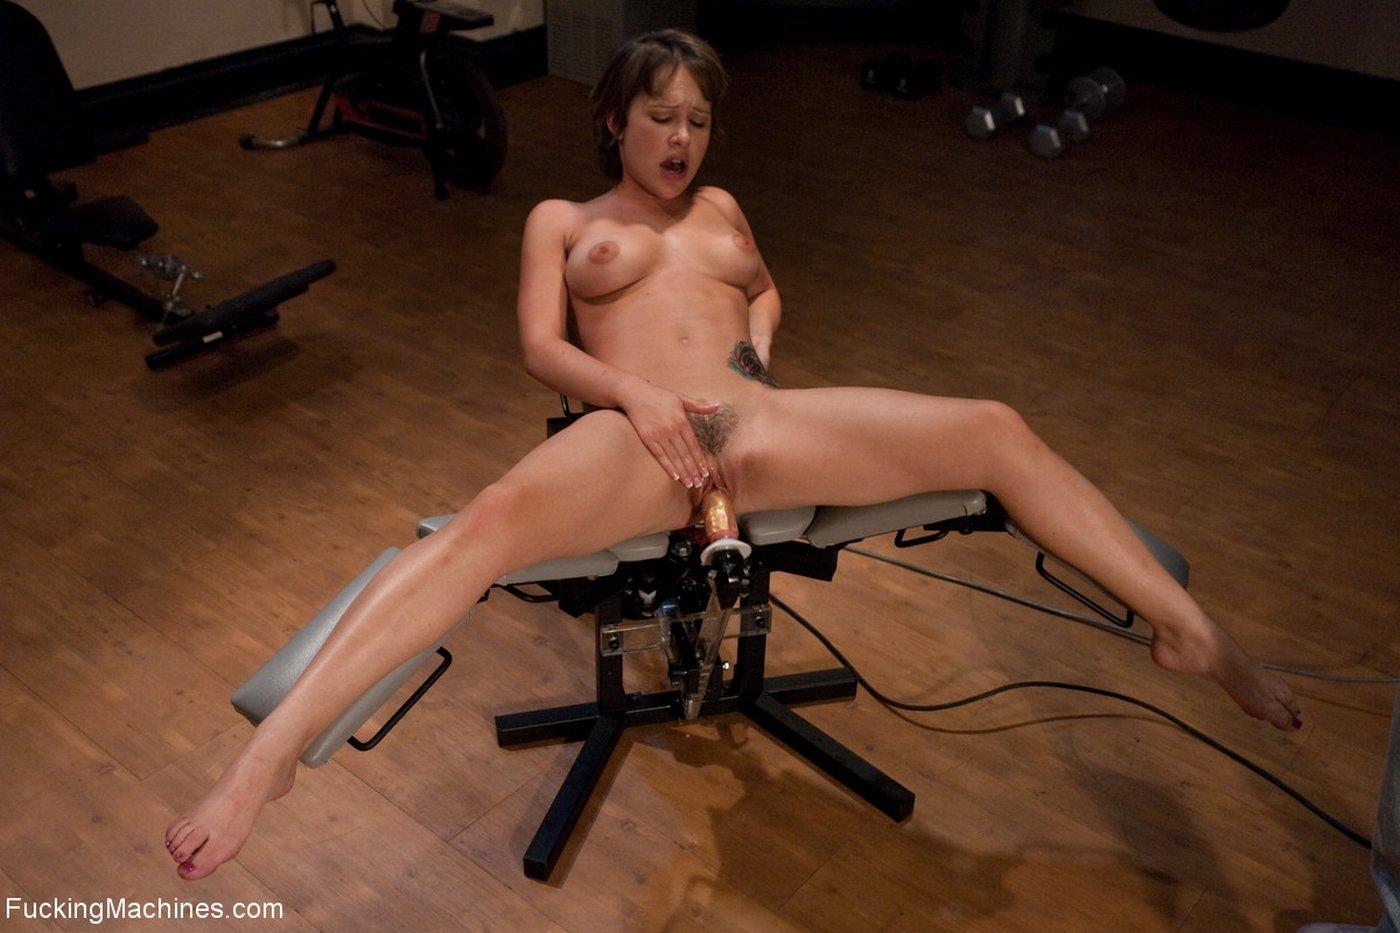 худенькая гимнастка оргазм секс-машина